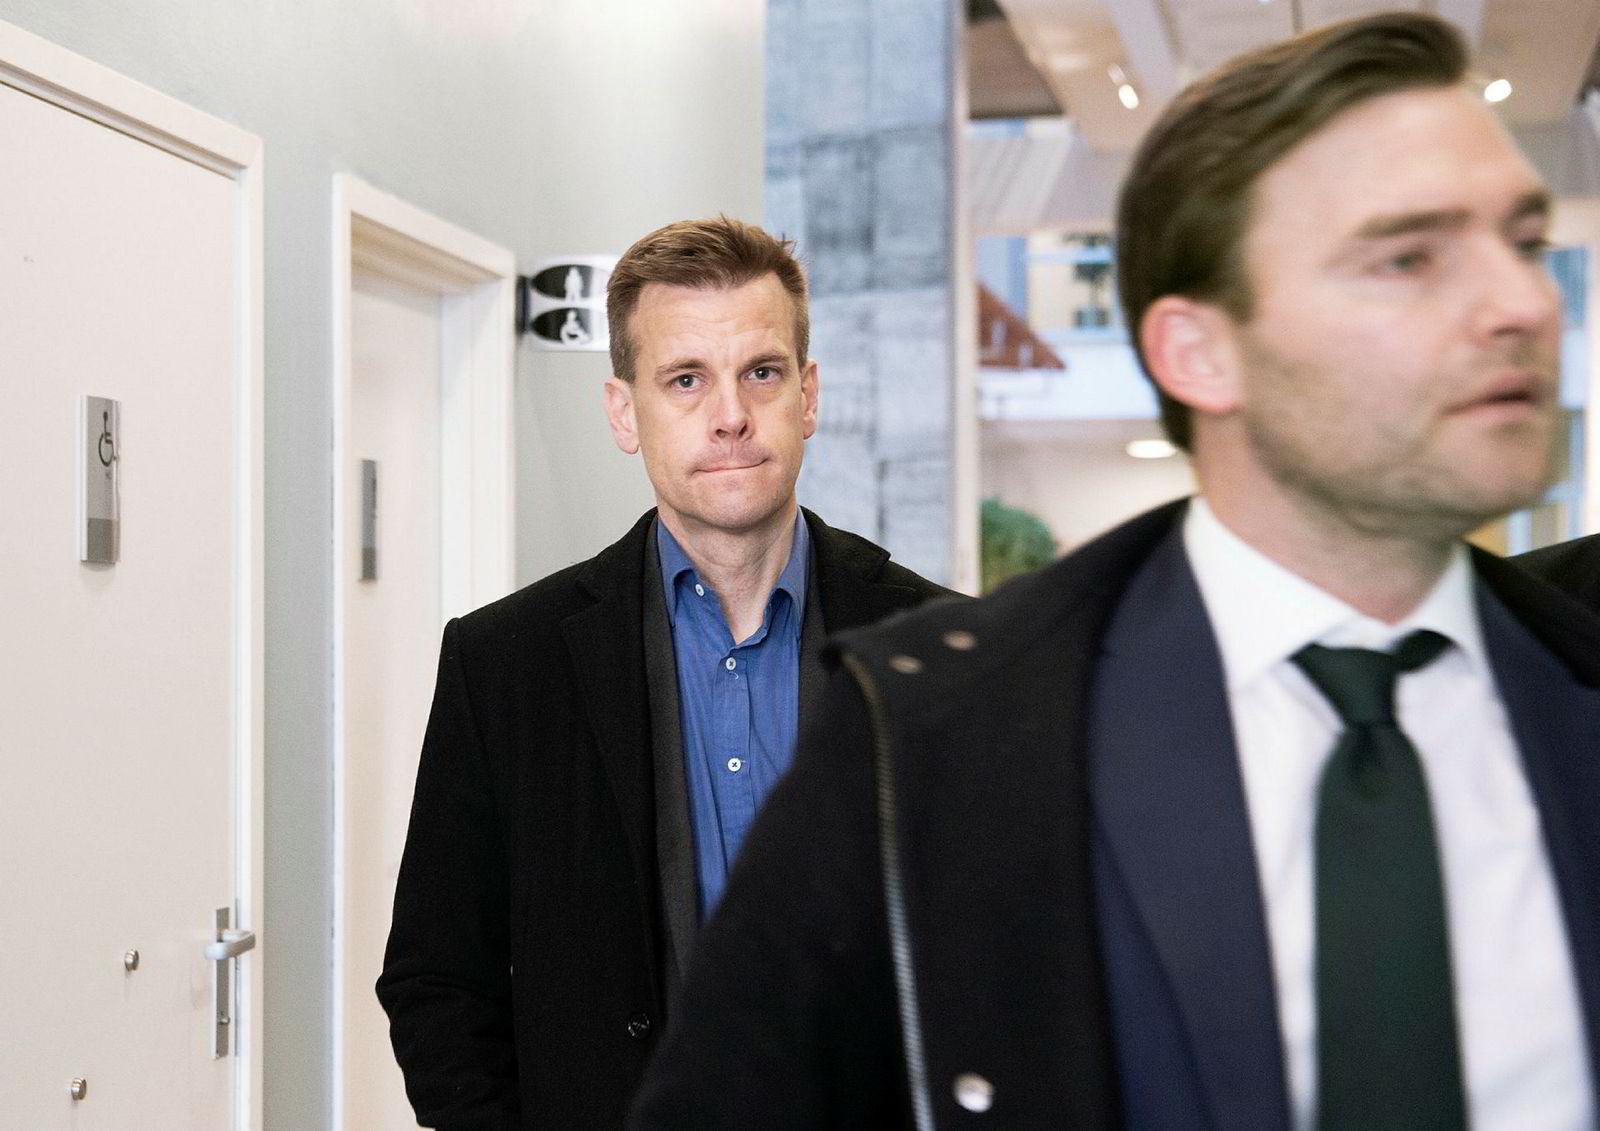 Arne Vigeland (bak) og hans advokat Nils Christian Langtvedt på vei inn i rettssalen i Oslo tinghus.